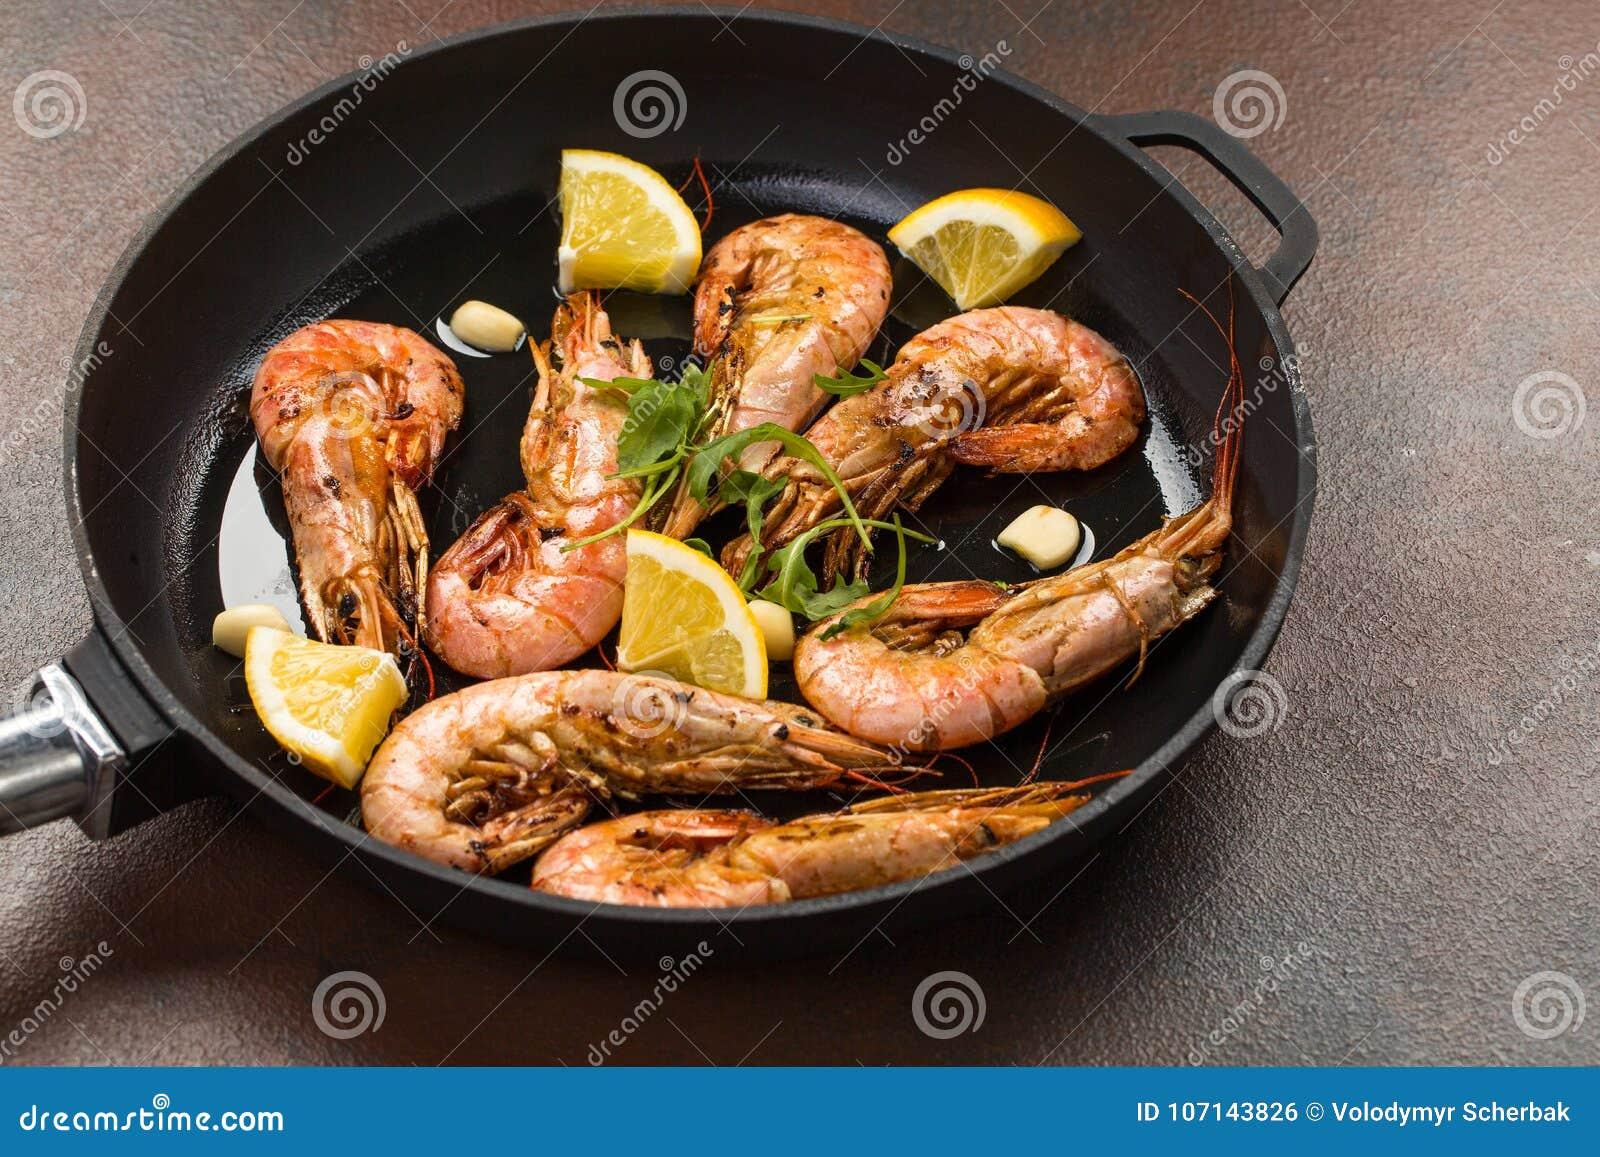 Οι γαρίδες γαρίδων με το σκόρδο, το λεμόνι, τα καρυκεύματα και τον ιταλικό μαϊντανό διακοσμούν σε ένα μαύρο τηγάνι χρωματισμένη σ